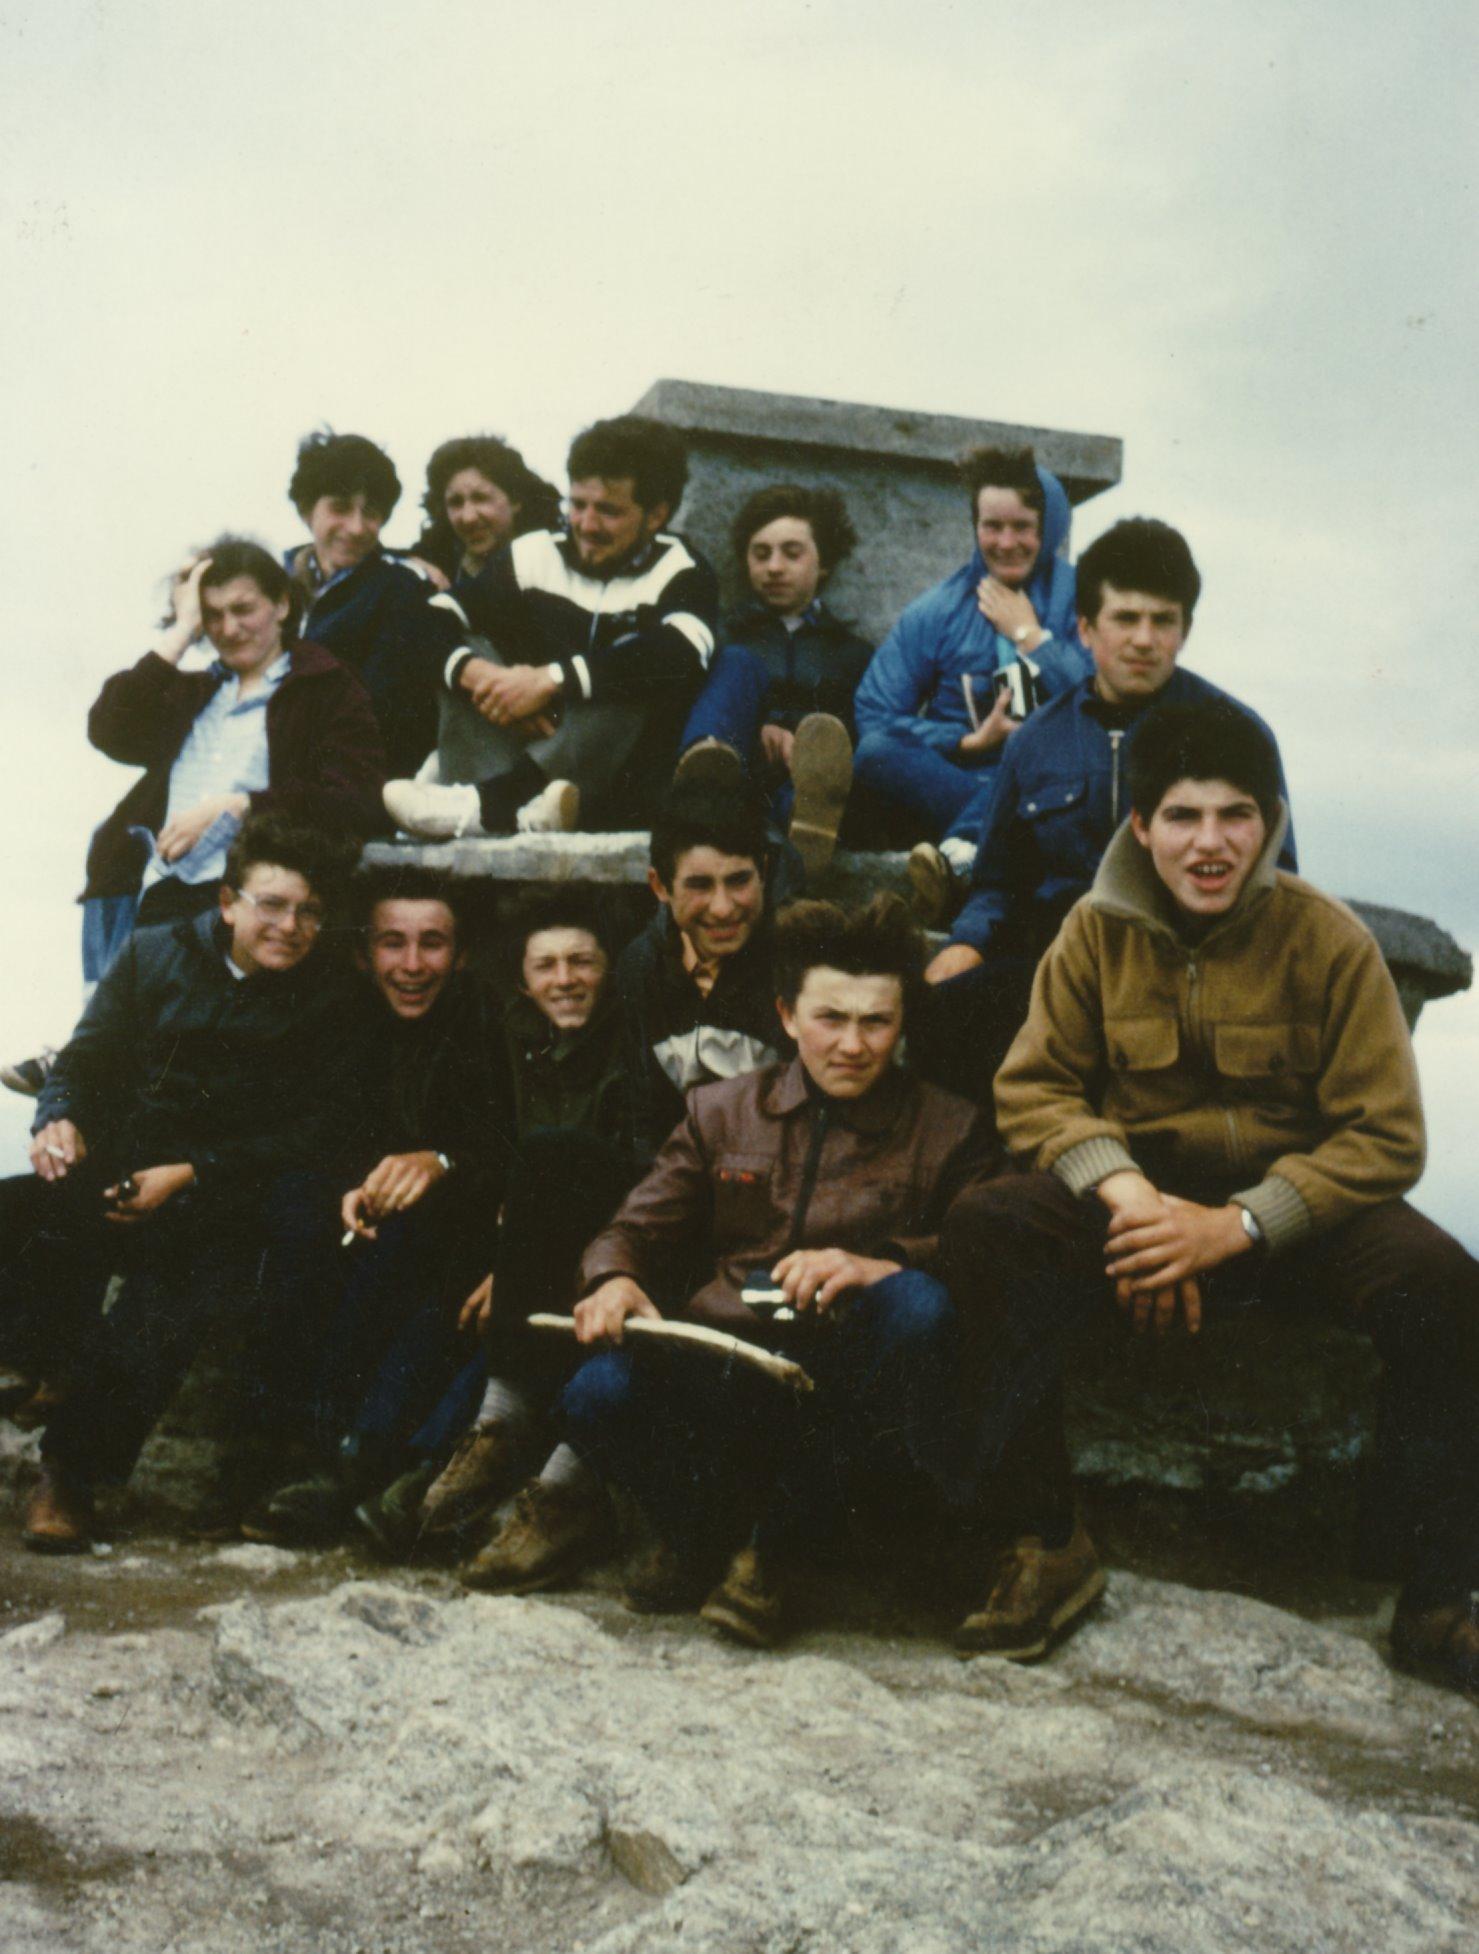 Archives anciens élèves mfr puy-sec 1978 (1)